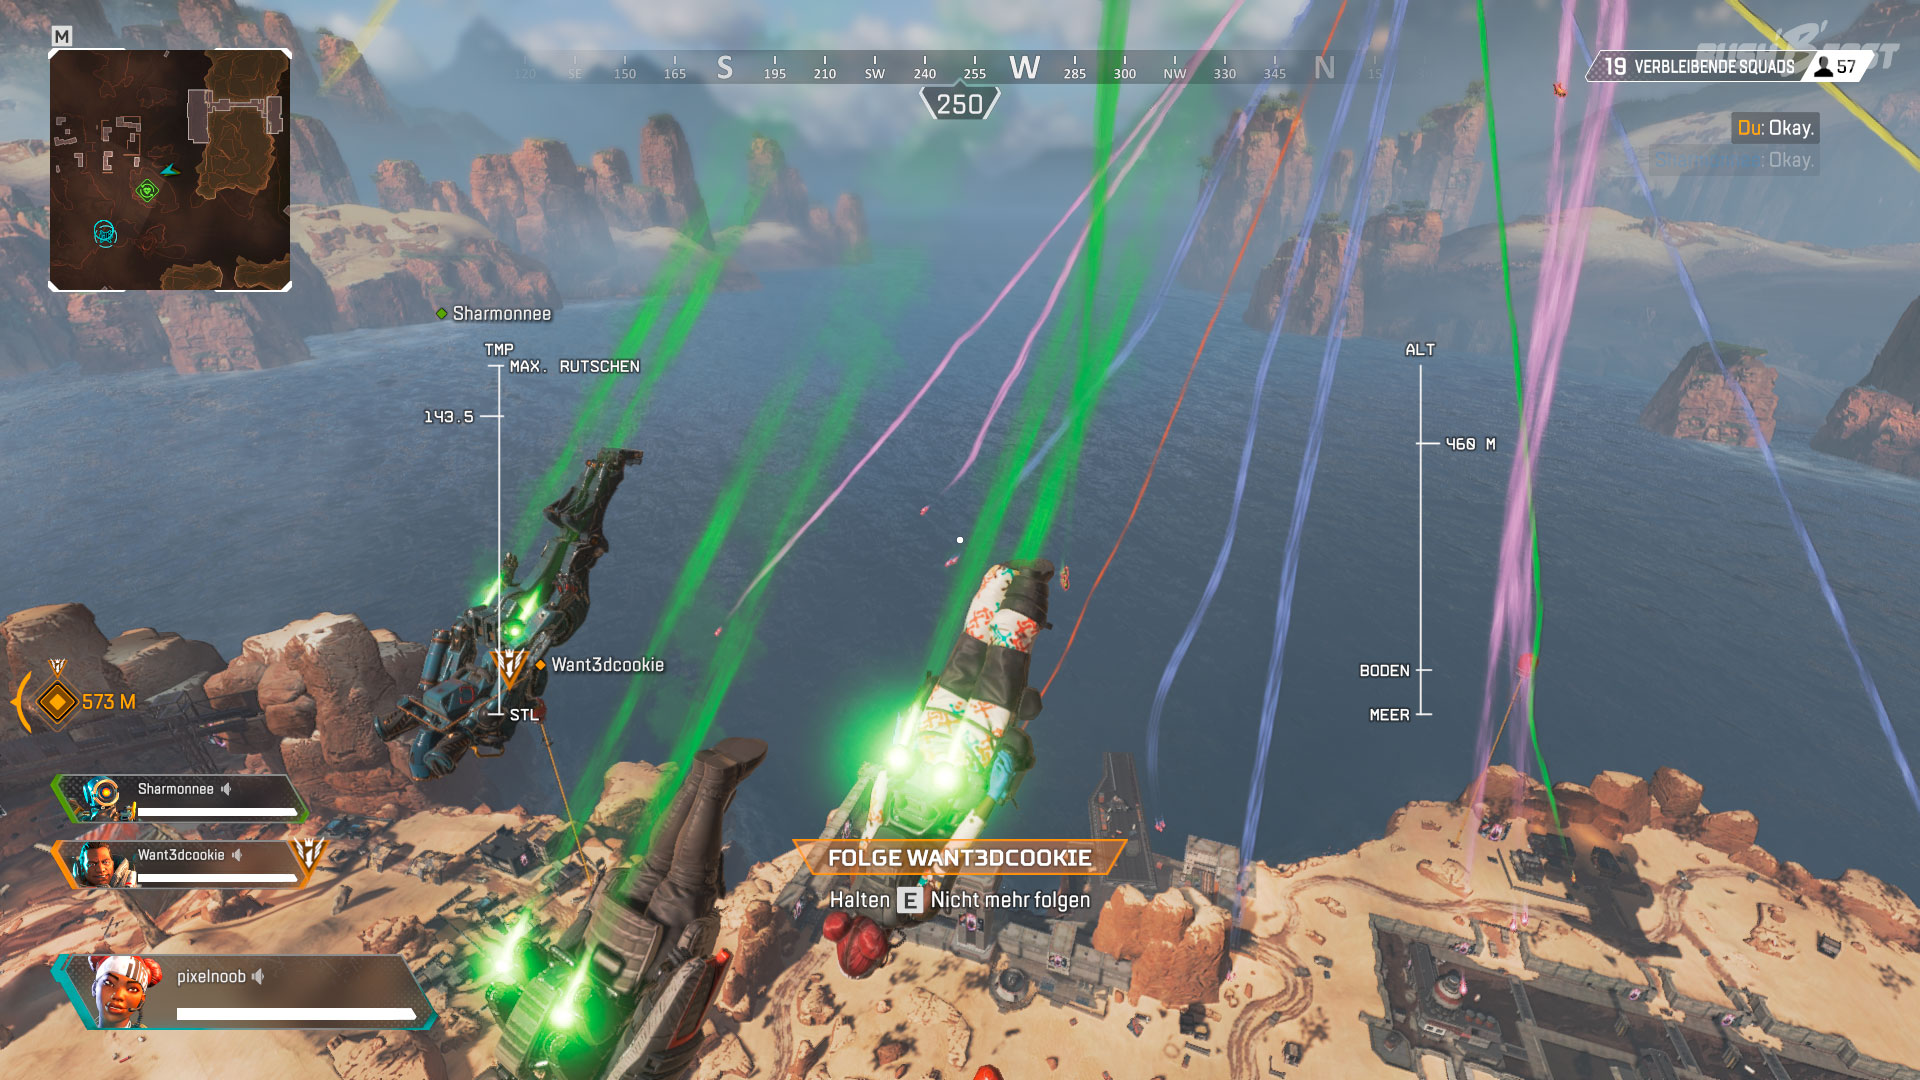 Formationsflug: Dank des farbigen Rauchs wissen wir wo die gegnerischen Teams landen werden.